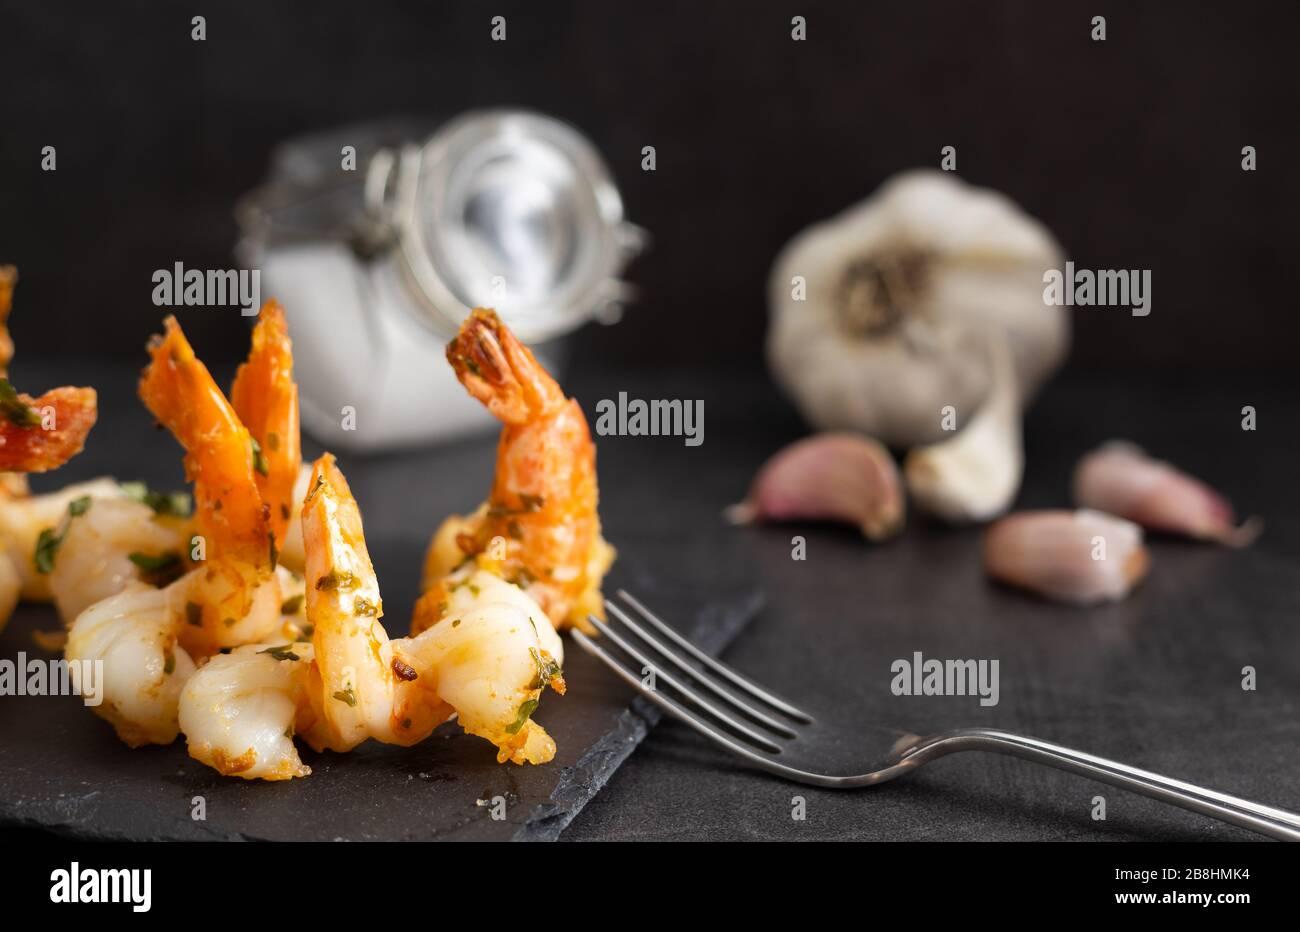 Deliciosos mariscos. Langostinos caseros con salsa de ajo en un plato negro. Foto de stock